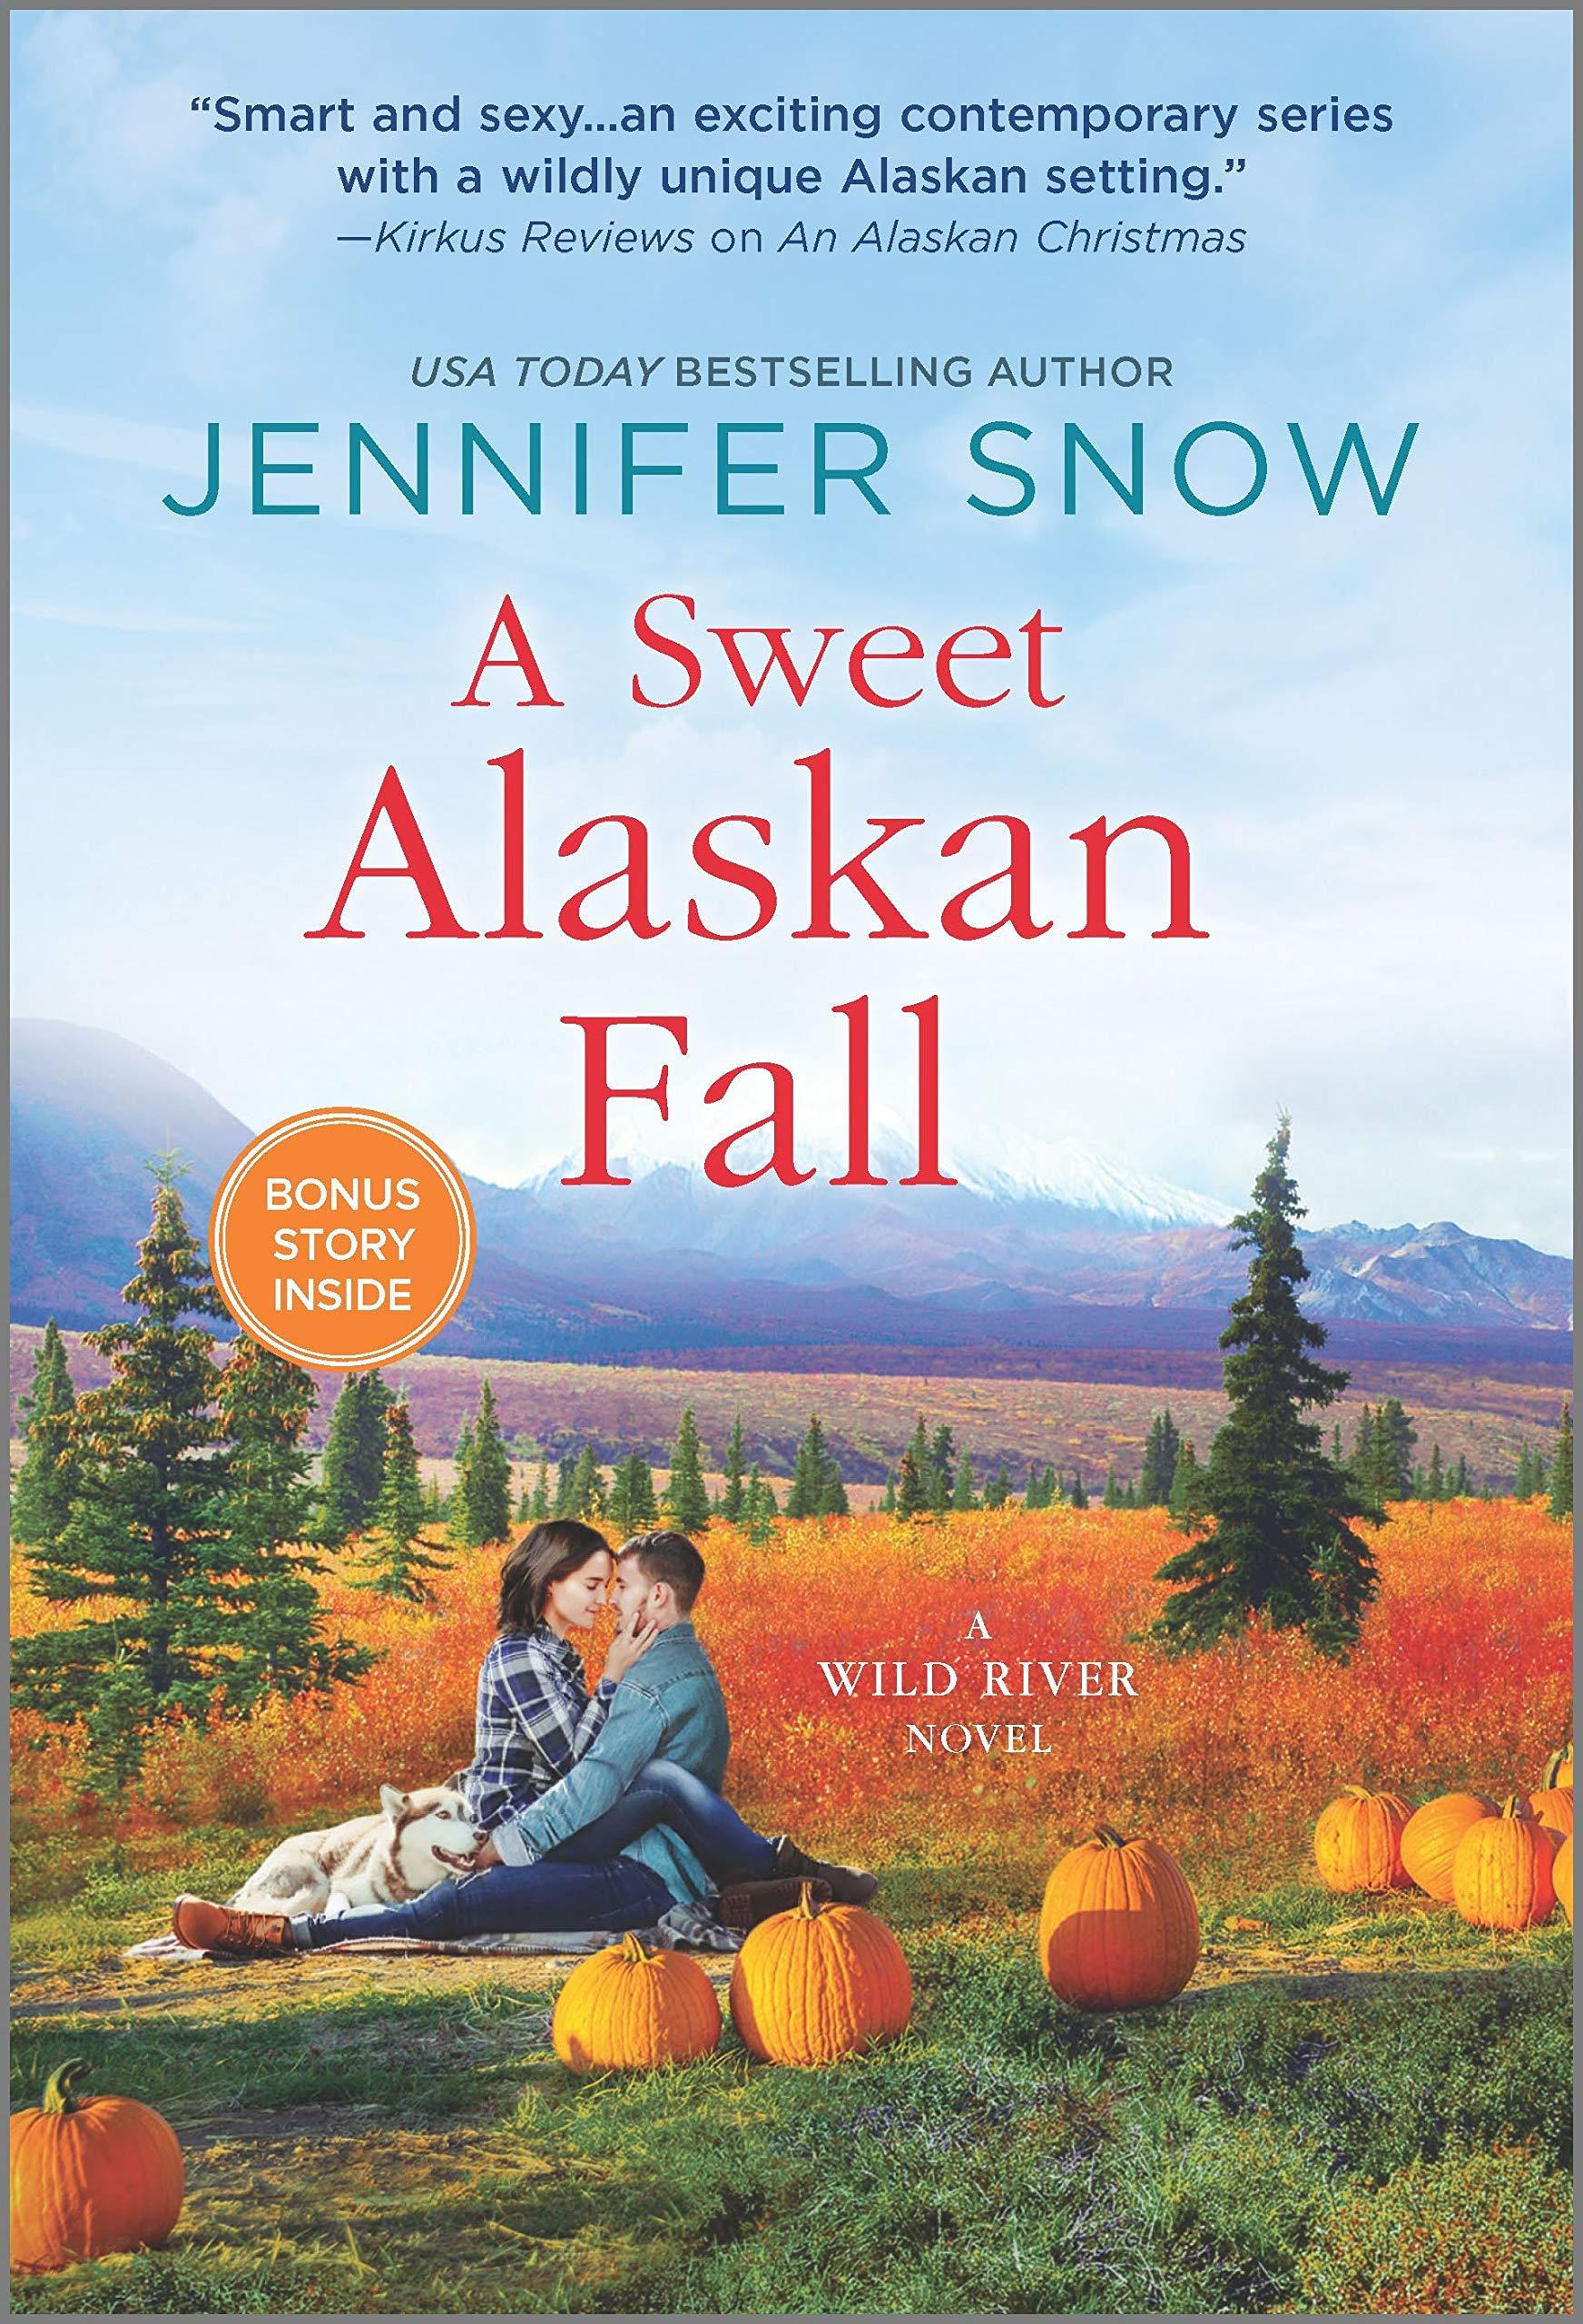 A Sweet Alaskan Fall: A Novel (A Wild River Novel Book 3)